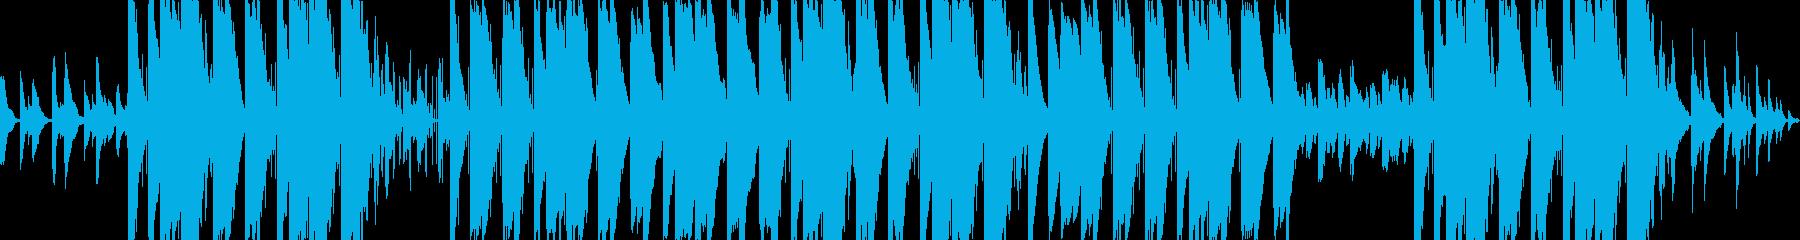 チルなベルサウンドのエモトラップの再生済みの波形